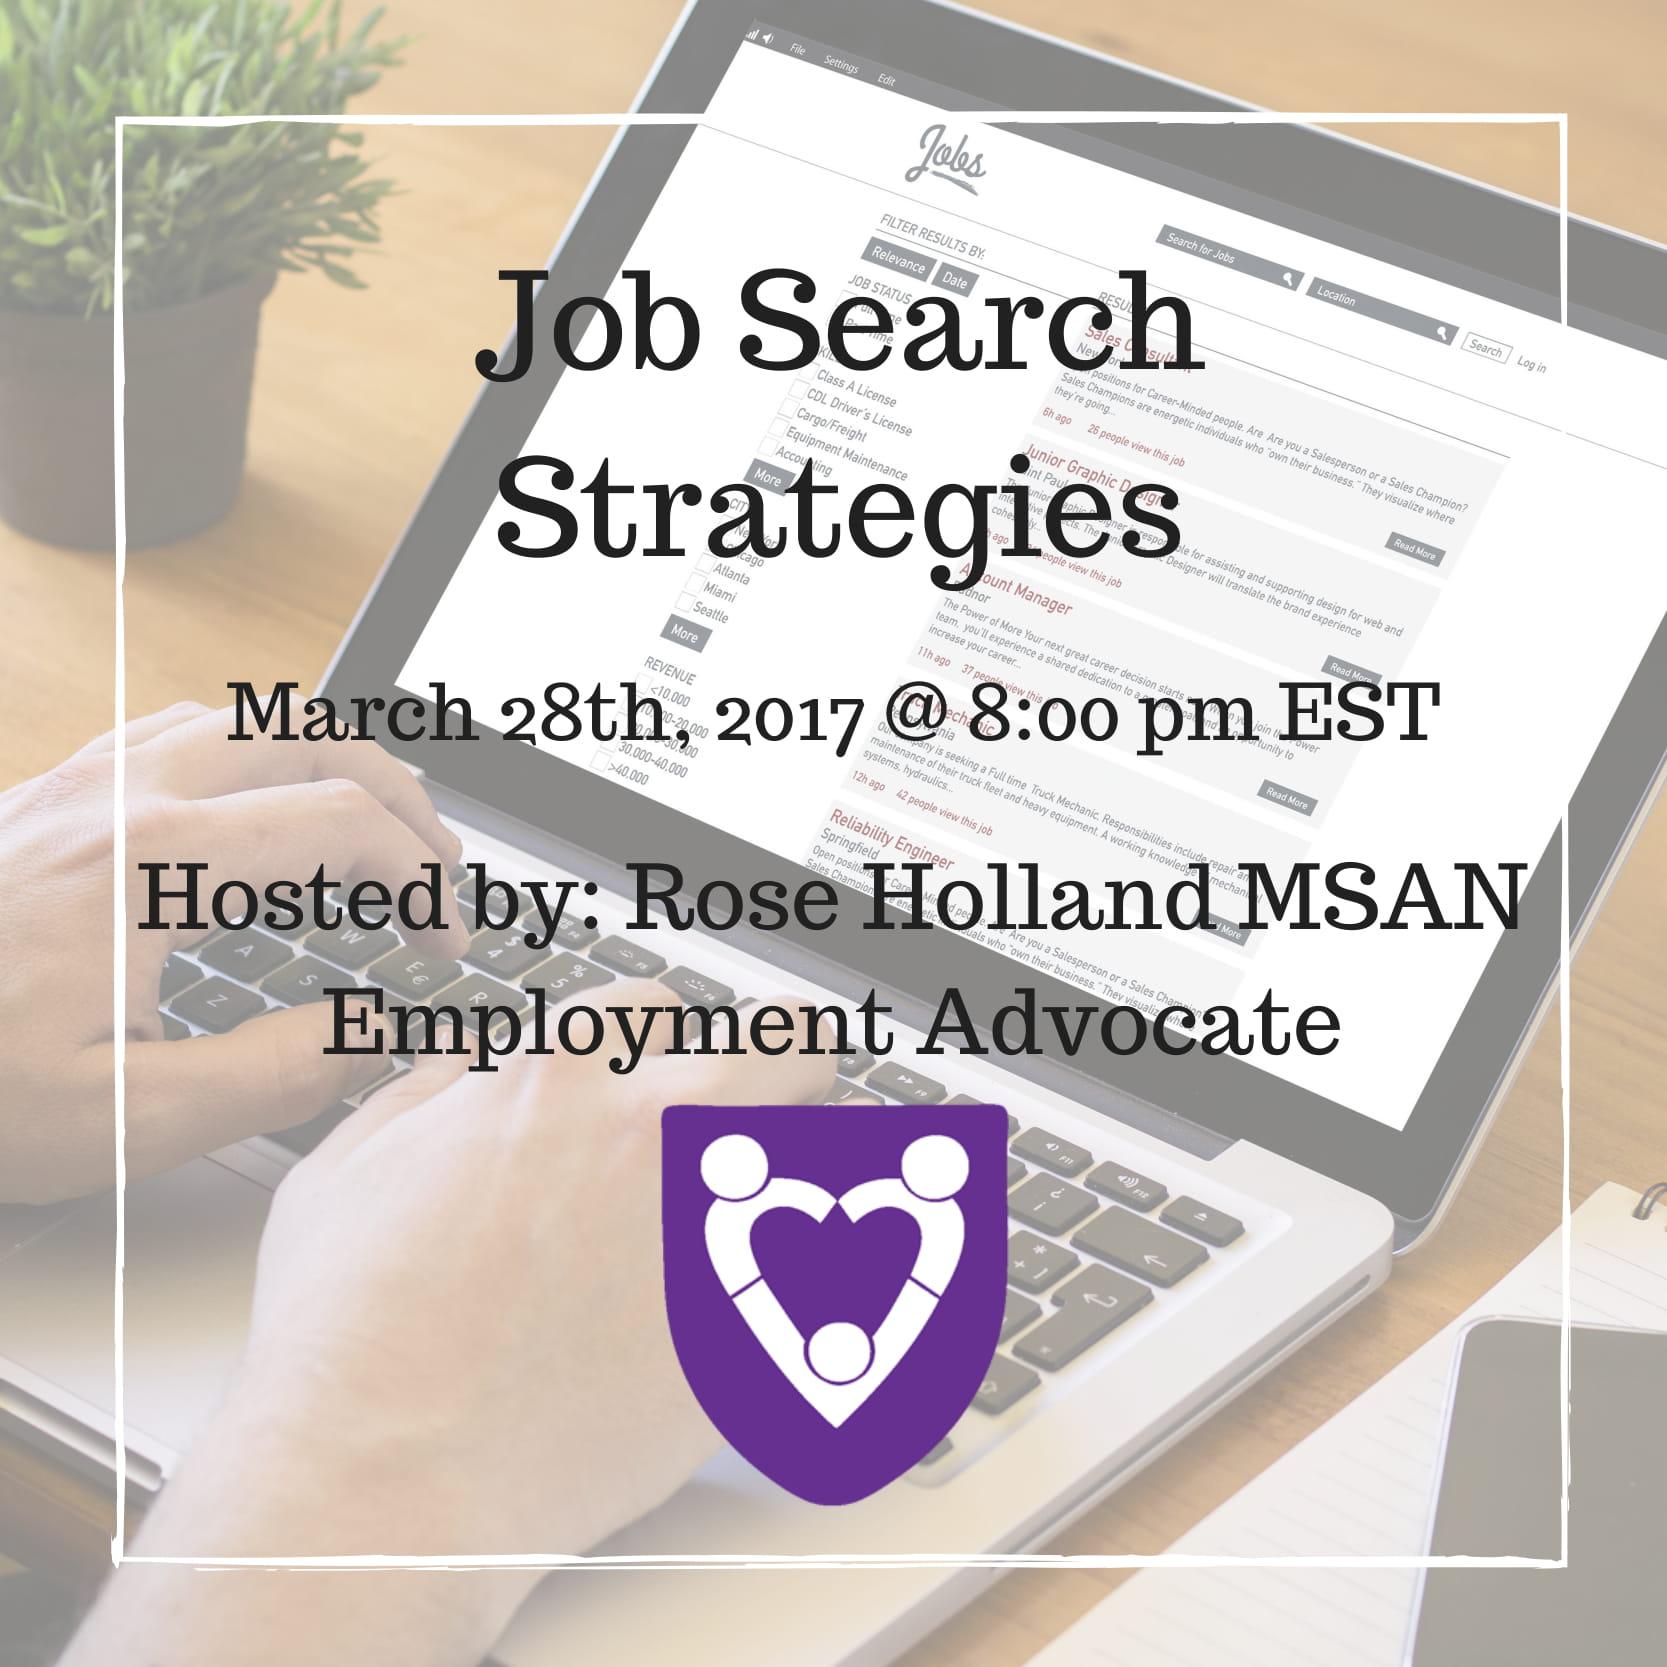 Job Search Strategies-1.jpg